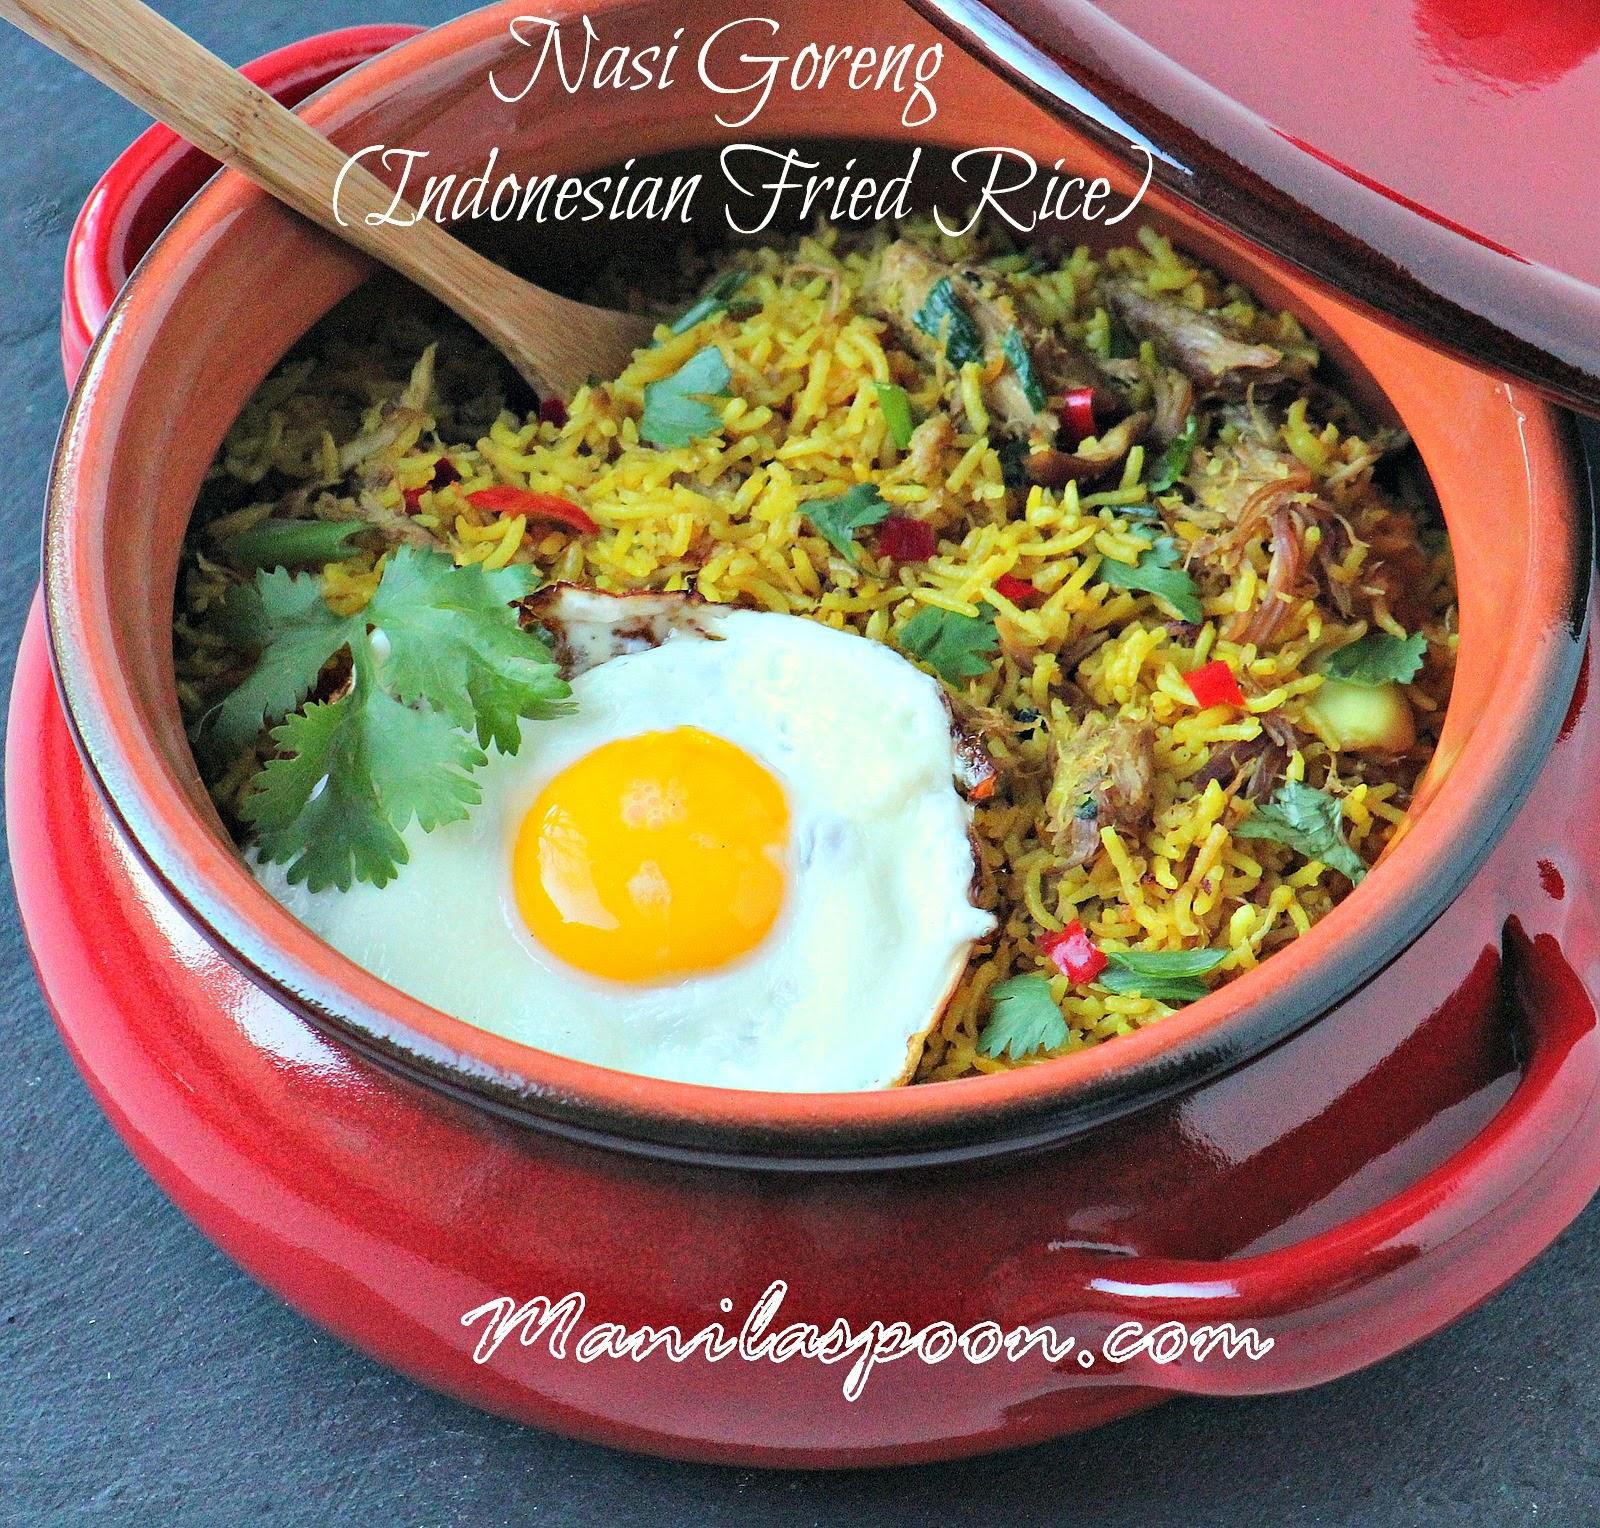 Nasi Goreng (Indonesian-style Fried Rice)